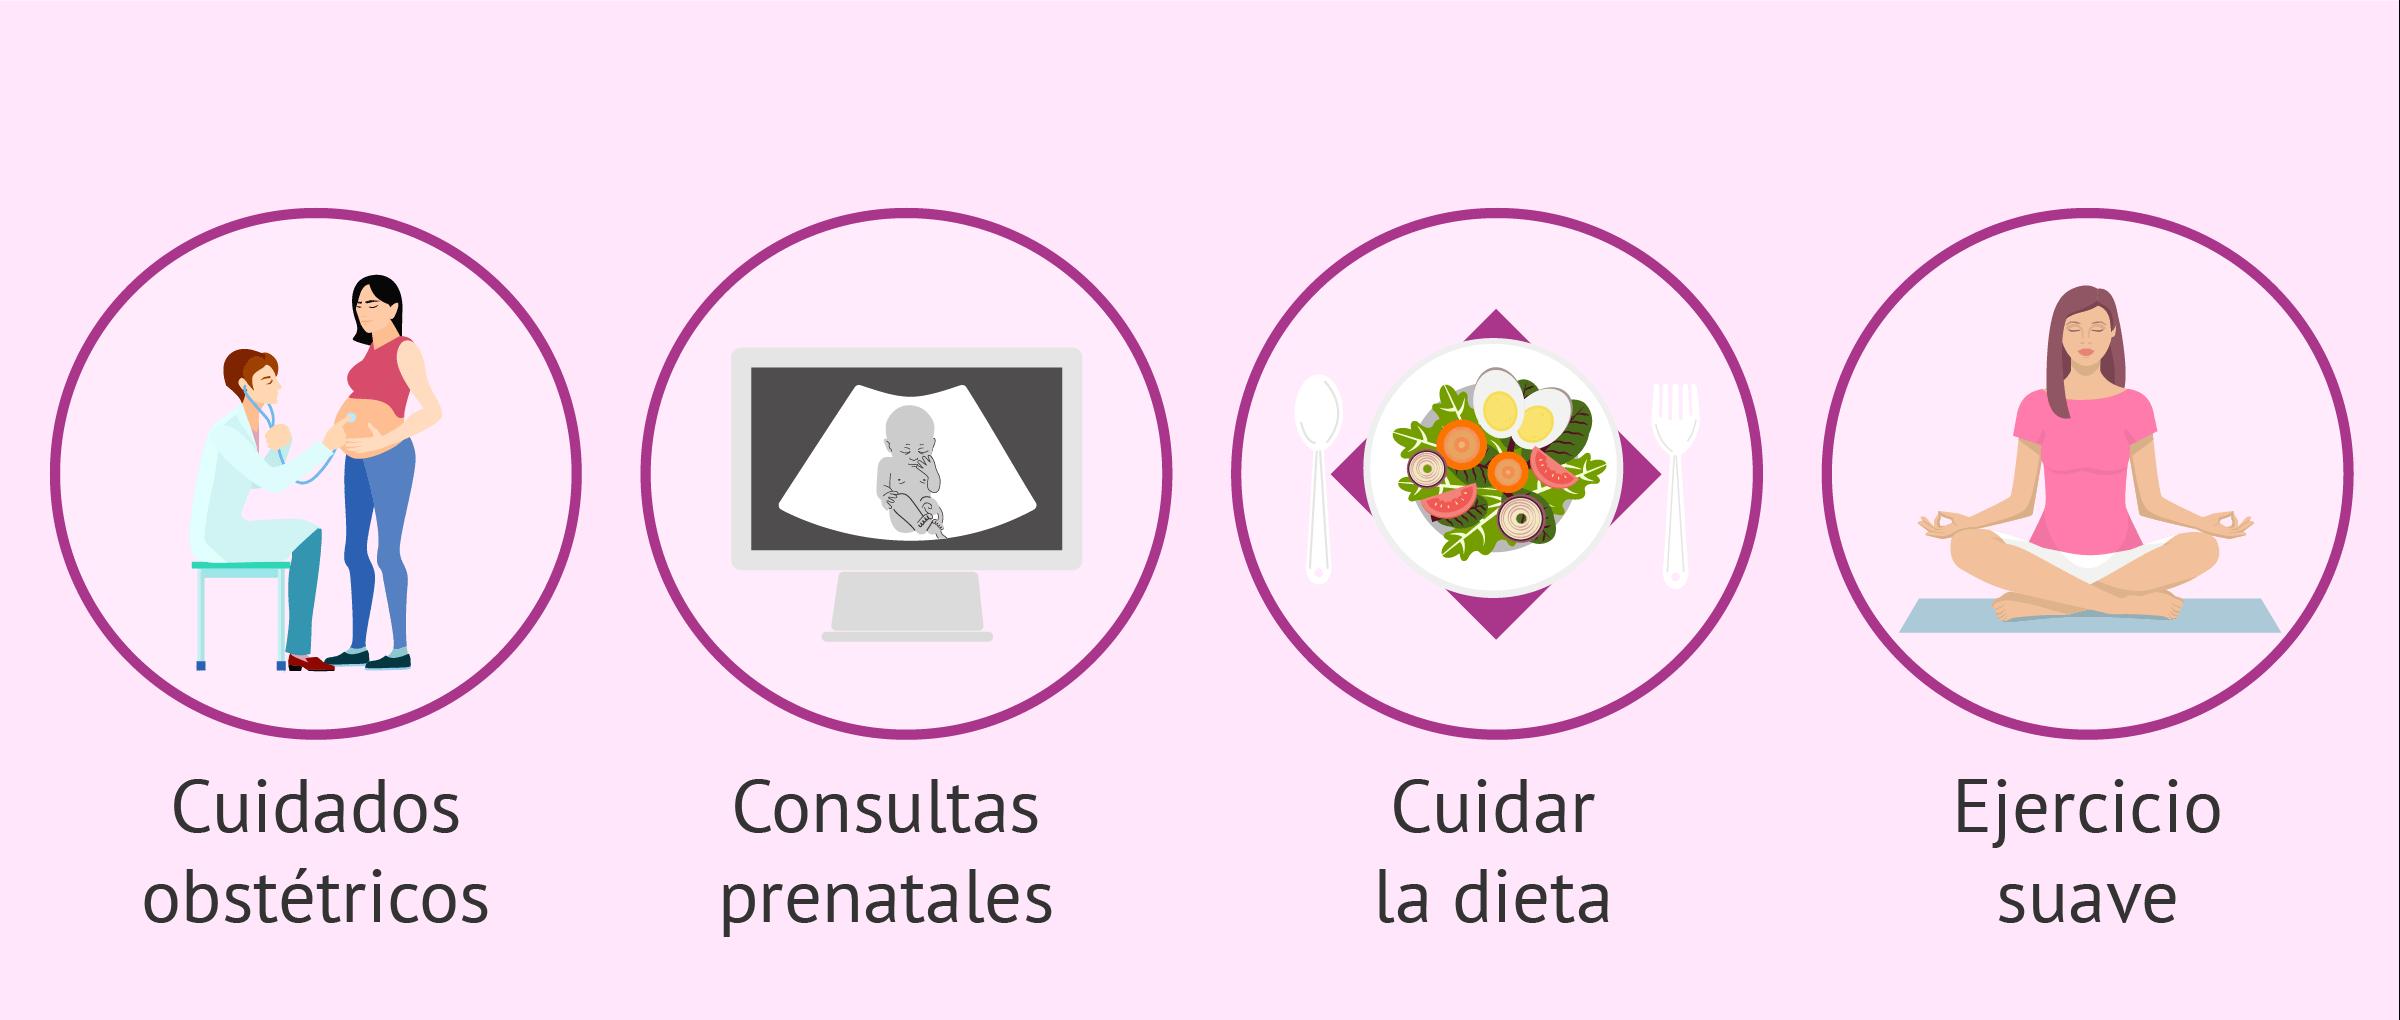 Salud materna y embarazo